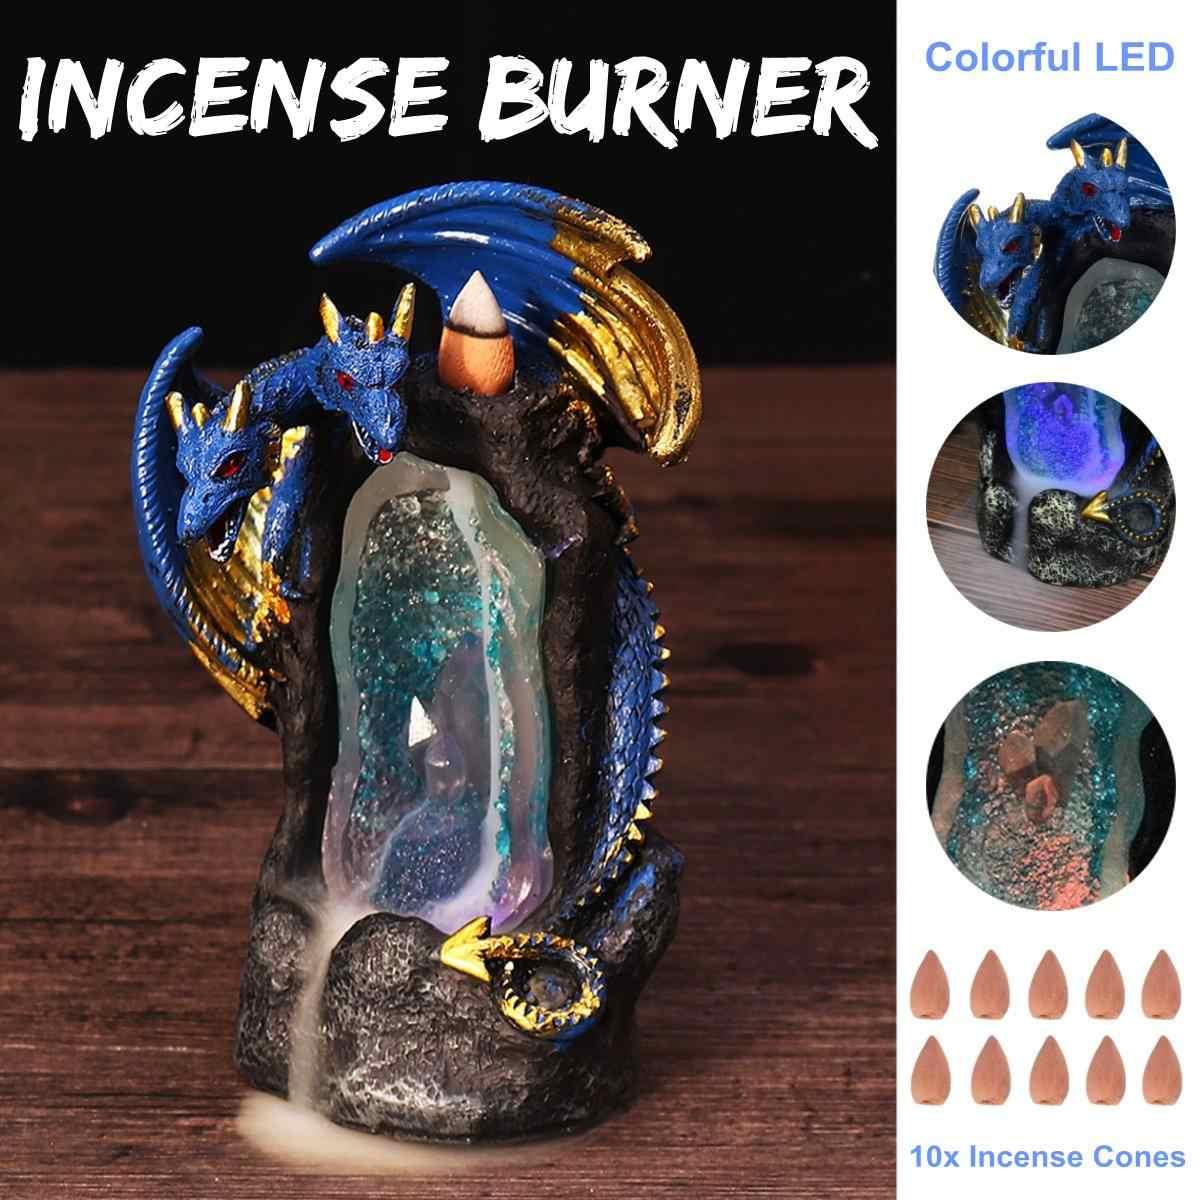 Quemador de incienso con reflujo de resina, quemador de incienso de cascada de dragón de doble cabeza con luz LED colorida para decoración del hogar